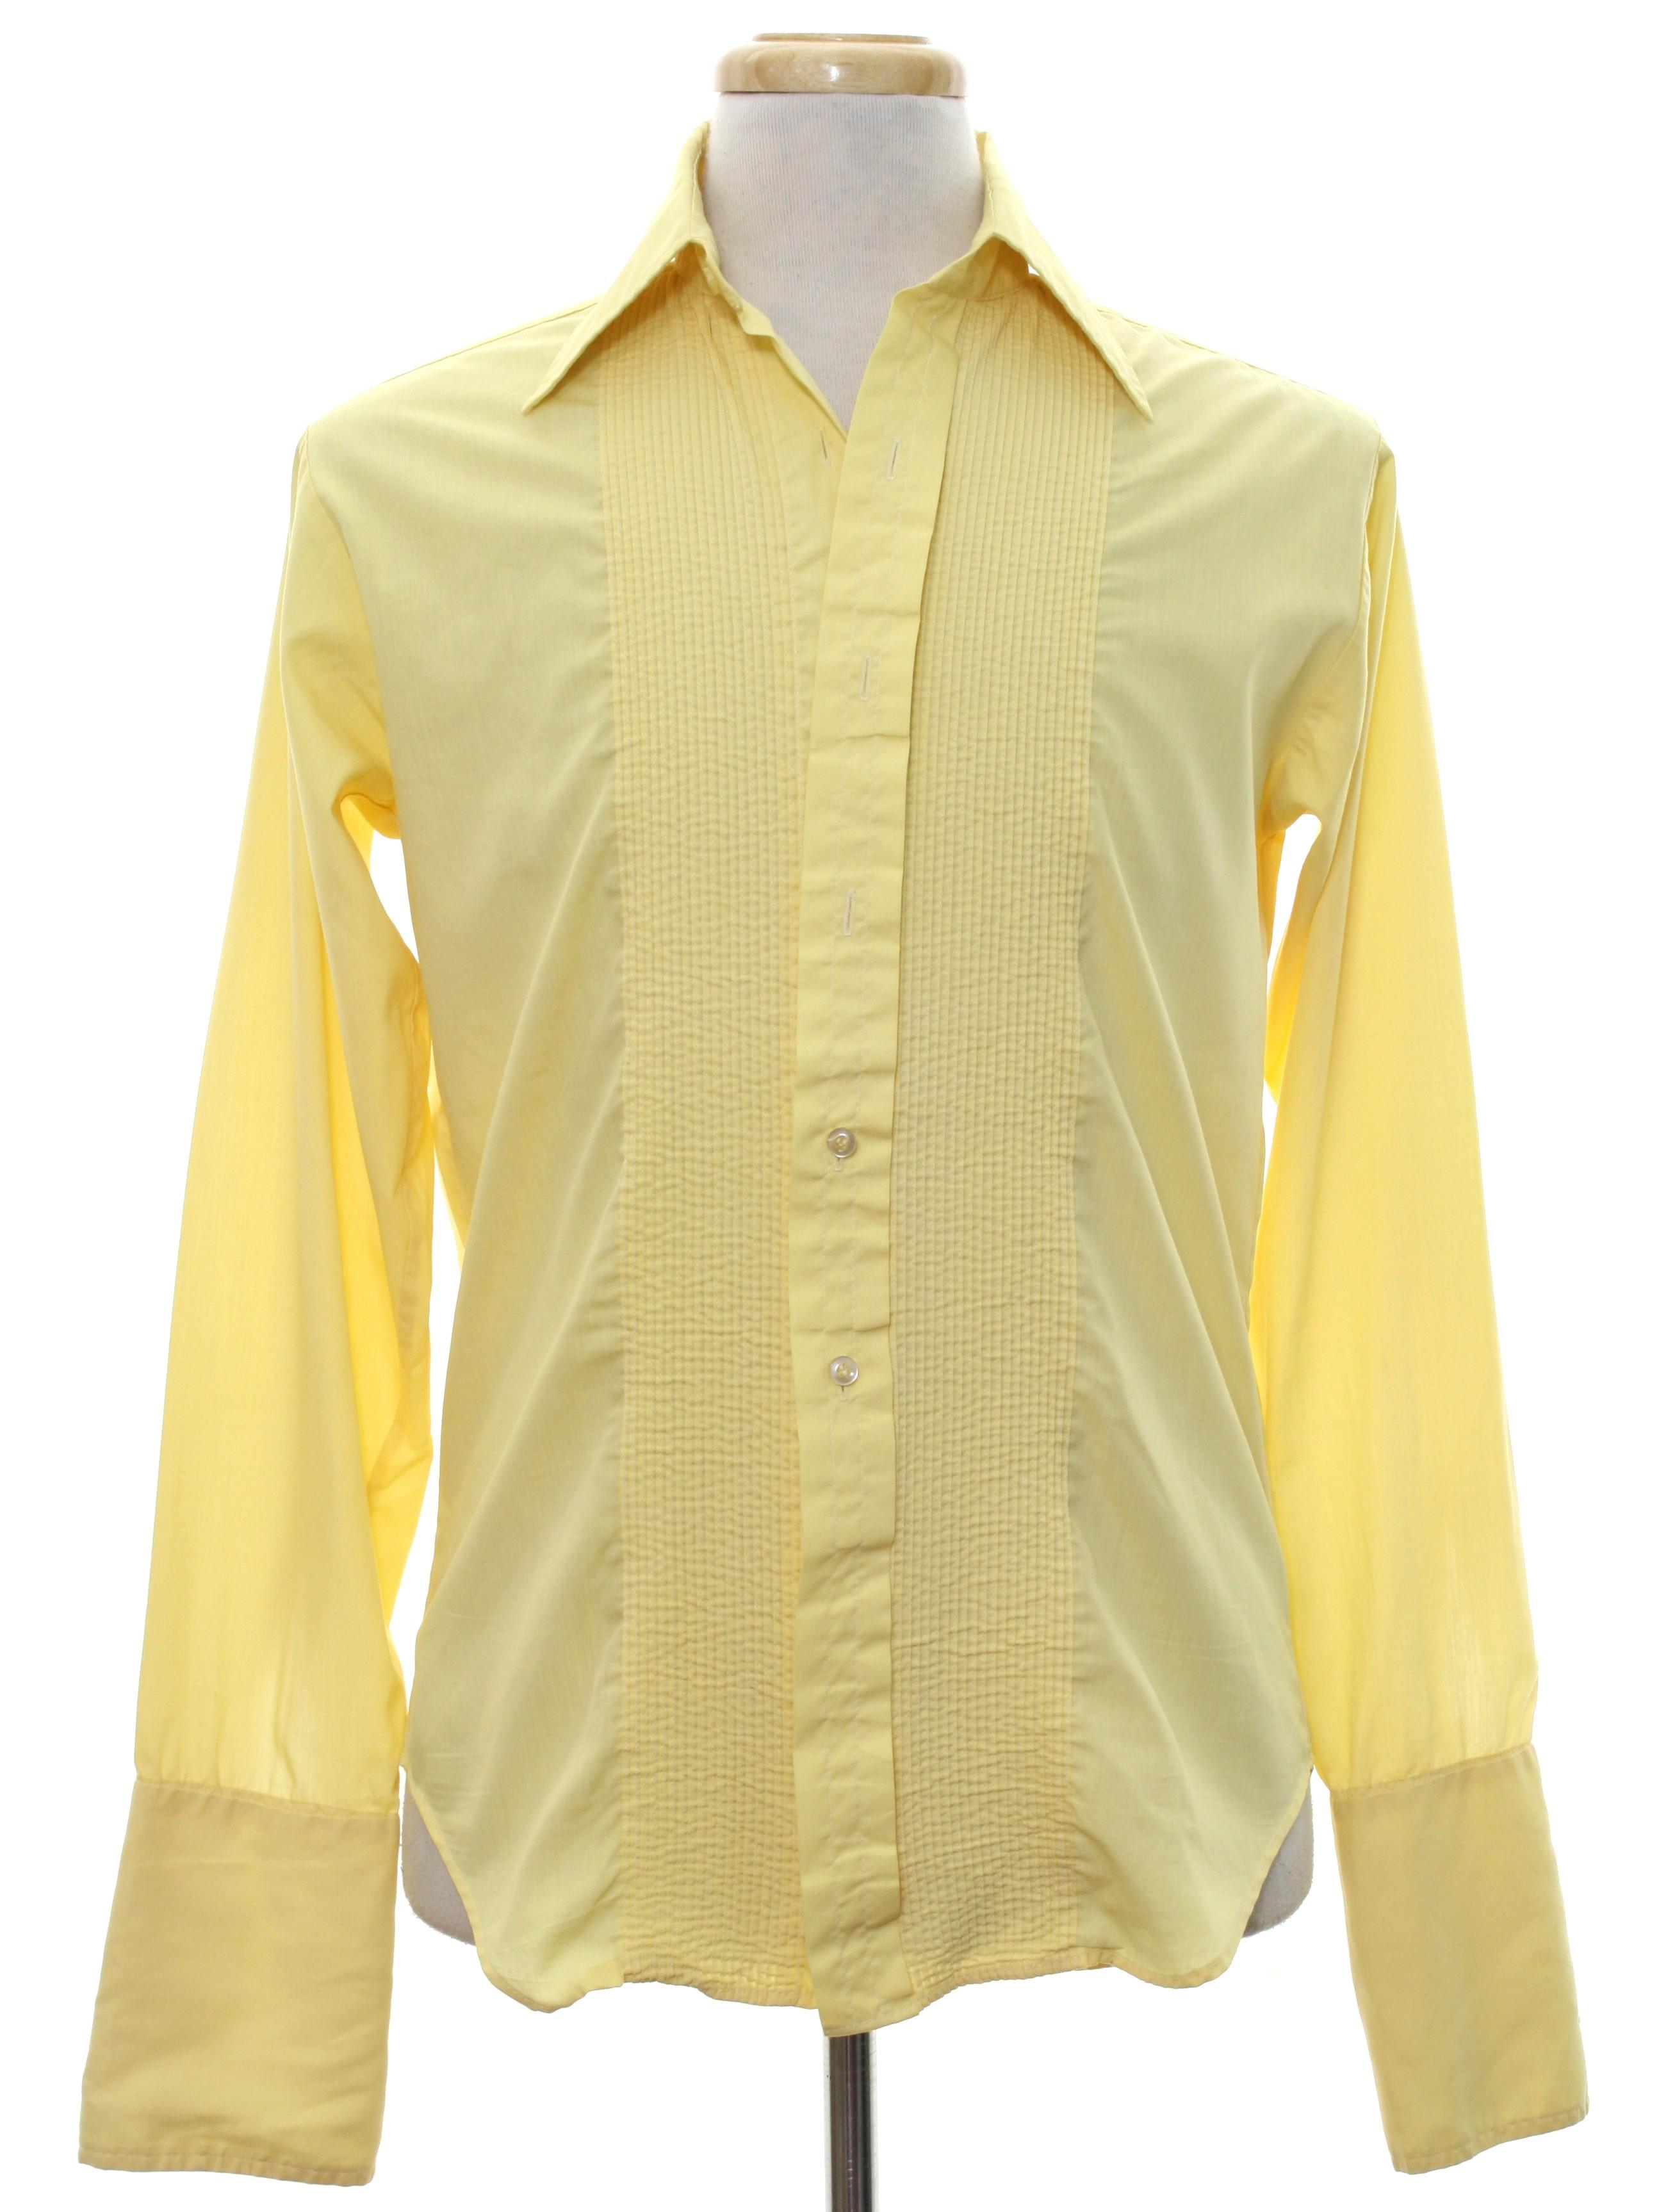 Retro seventies shirt 70s l m fashions mens pale for Tuxedo shirt no studs